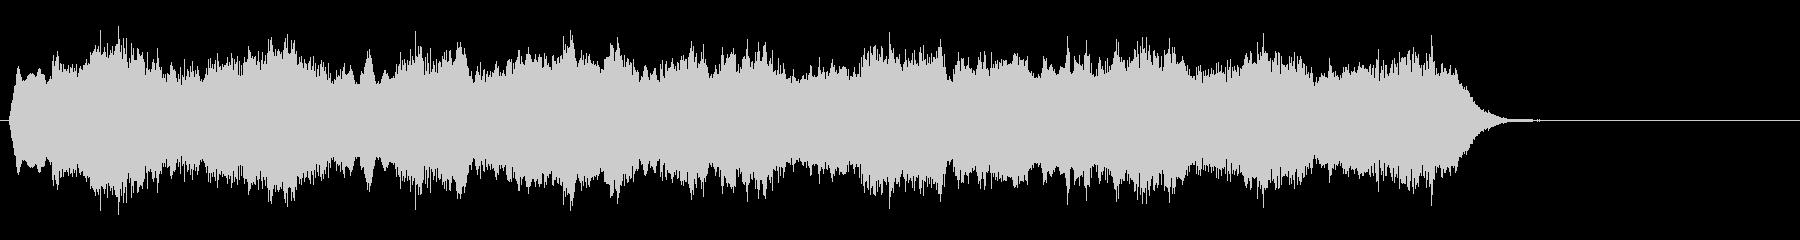 教会の礼拝に合うパイプオルガンのジングルの未再生の波形